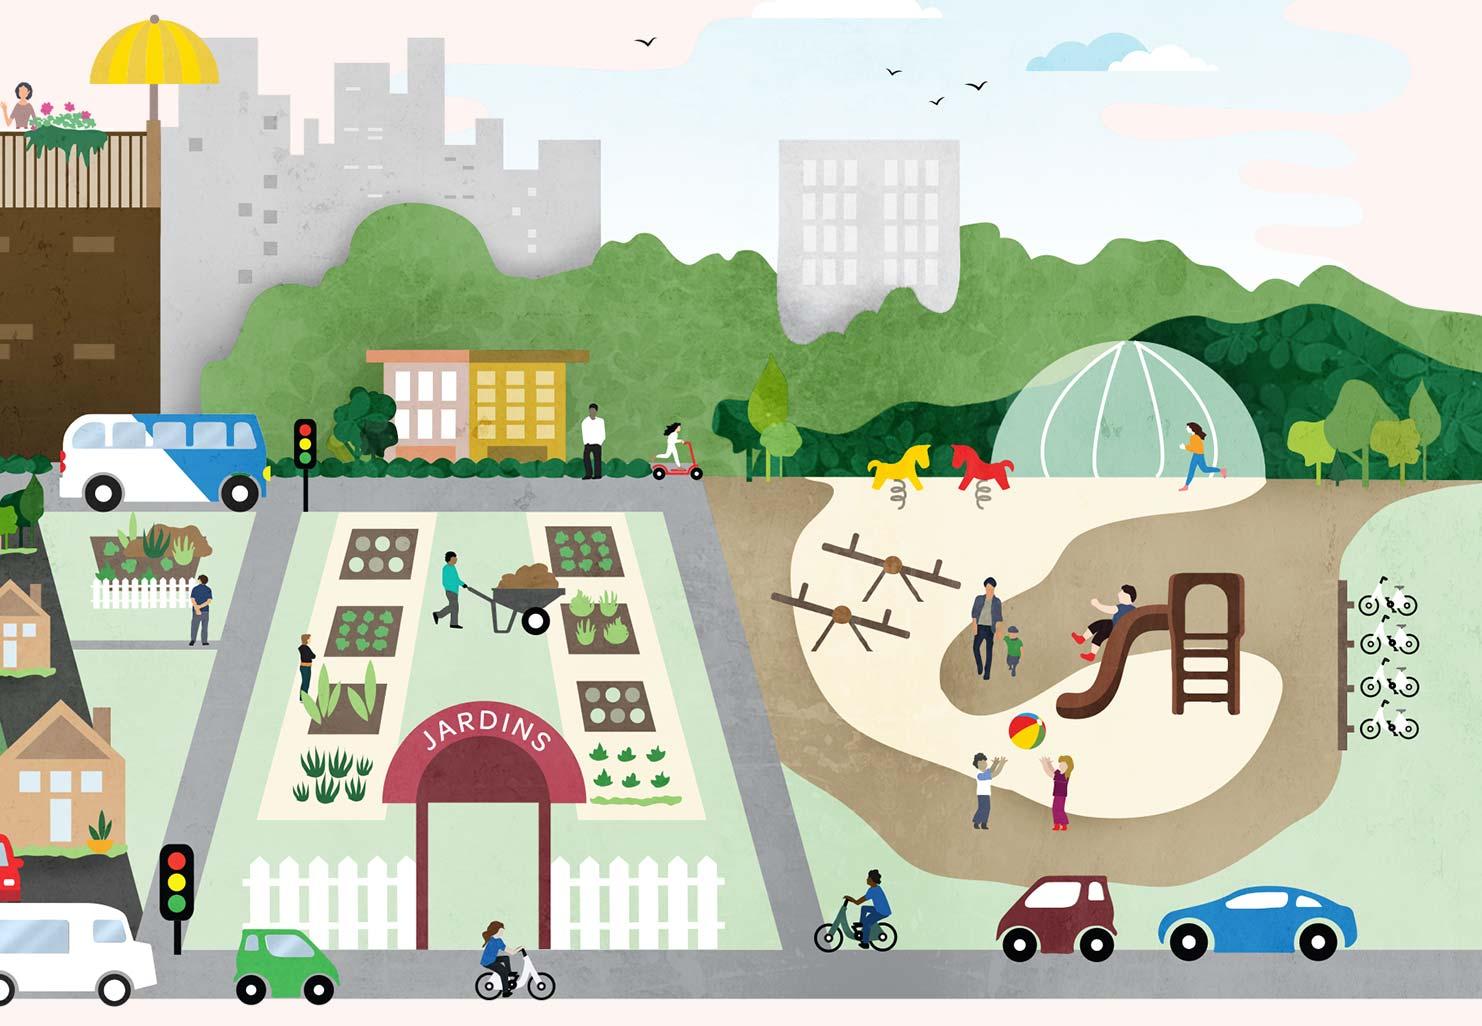 Trois arguments pour l'amour de l'urbanité